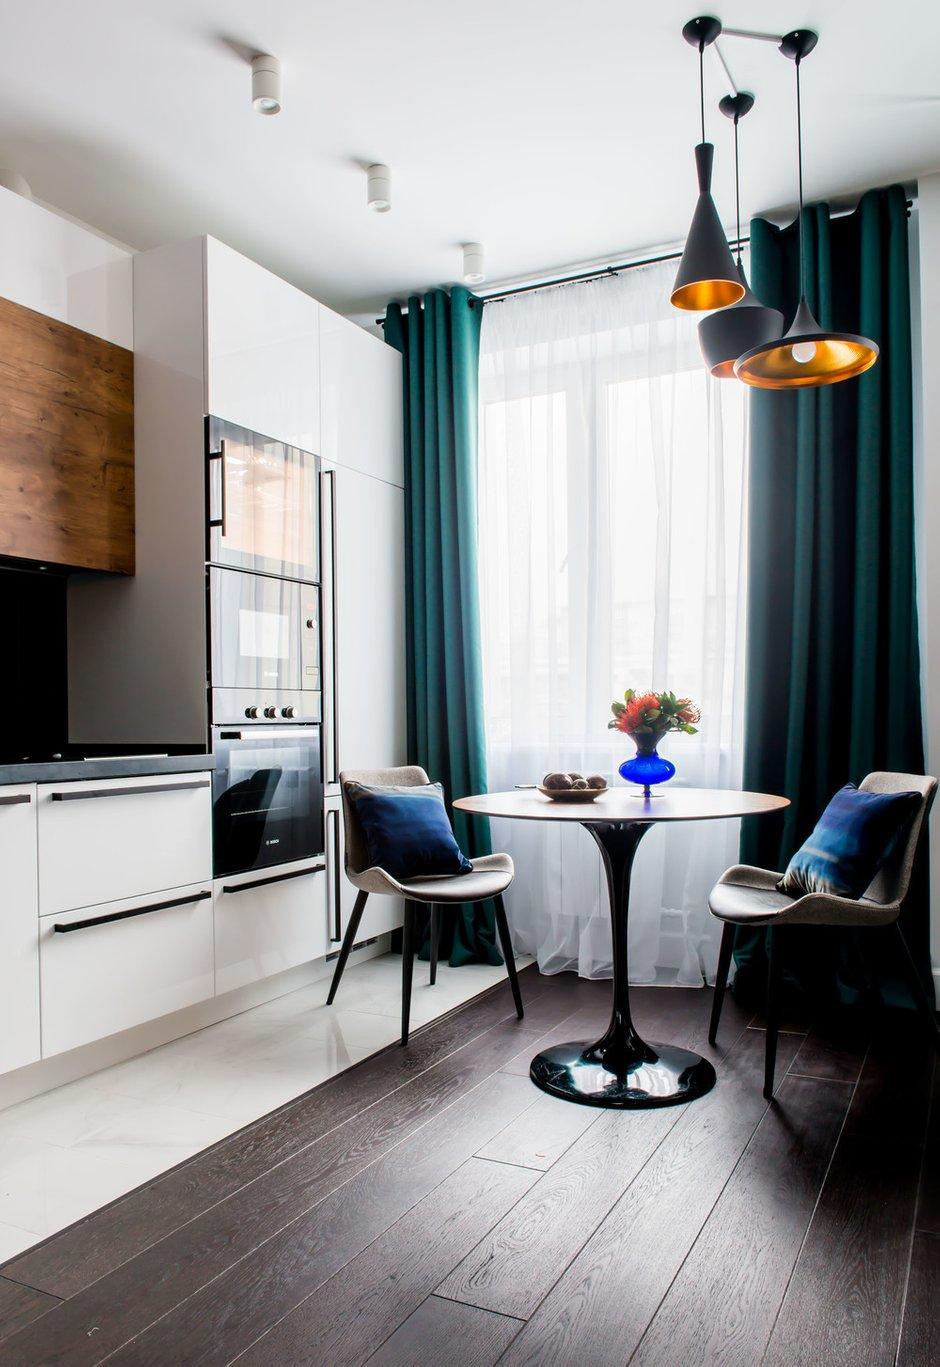 Фотография: Кухня и столовая в стиле Современный, Квартира, Проект недели, «Уютная квартира», Наталья Преображенская, Монолитный дом, 2 комнаты, 40-60 метров – фото на INMYROOM